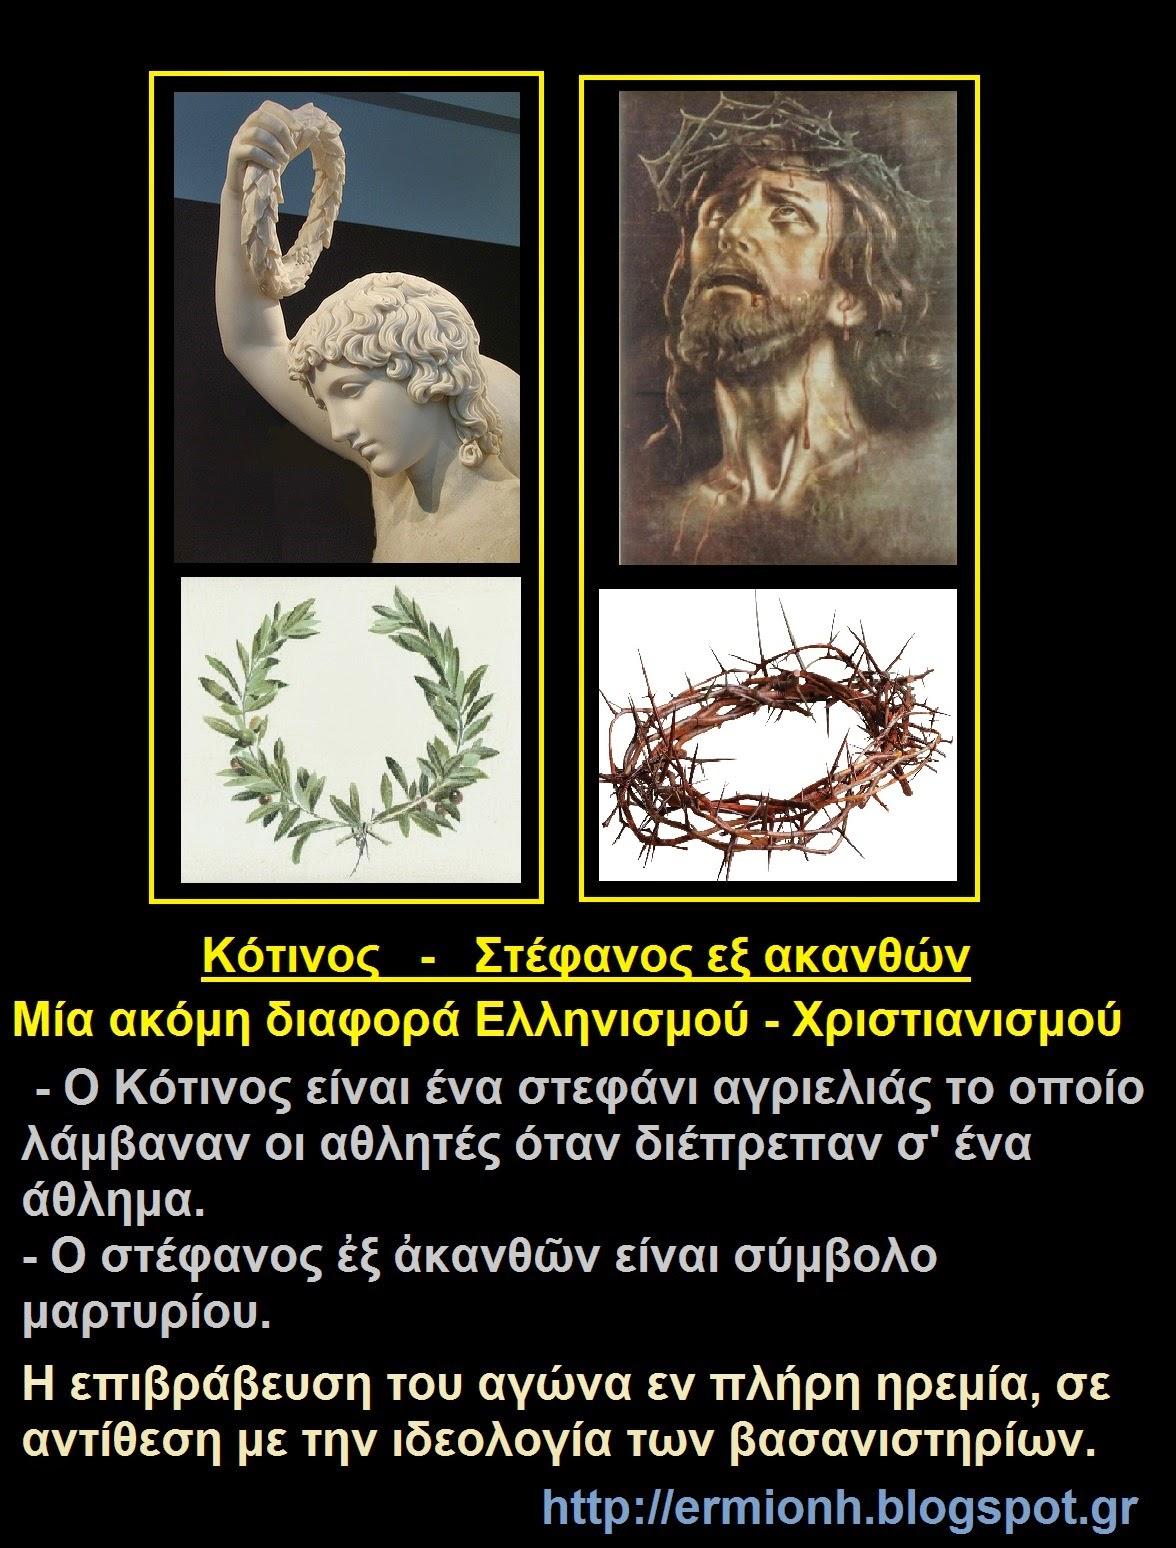 Κότινος - στέφανος ἐξ ἀκανθῶν: Μία ακόμη διαφορά Ελληνισμού – Χριστιανισμού.